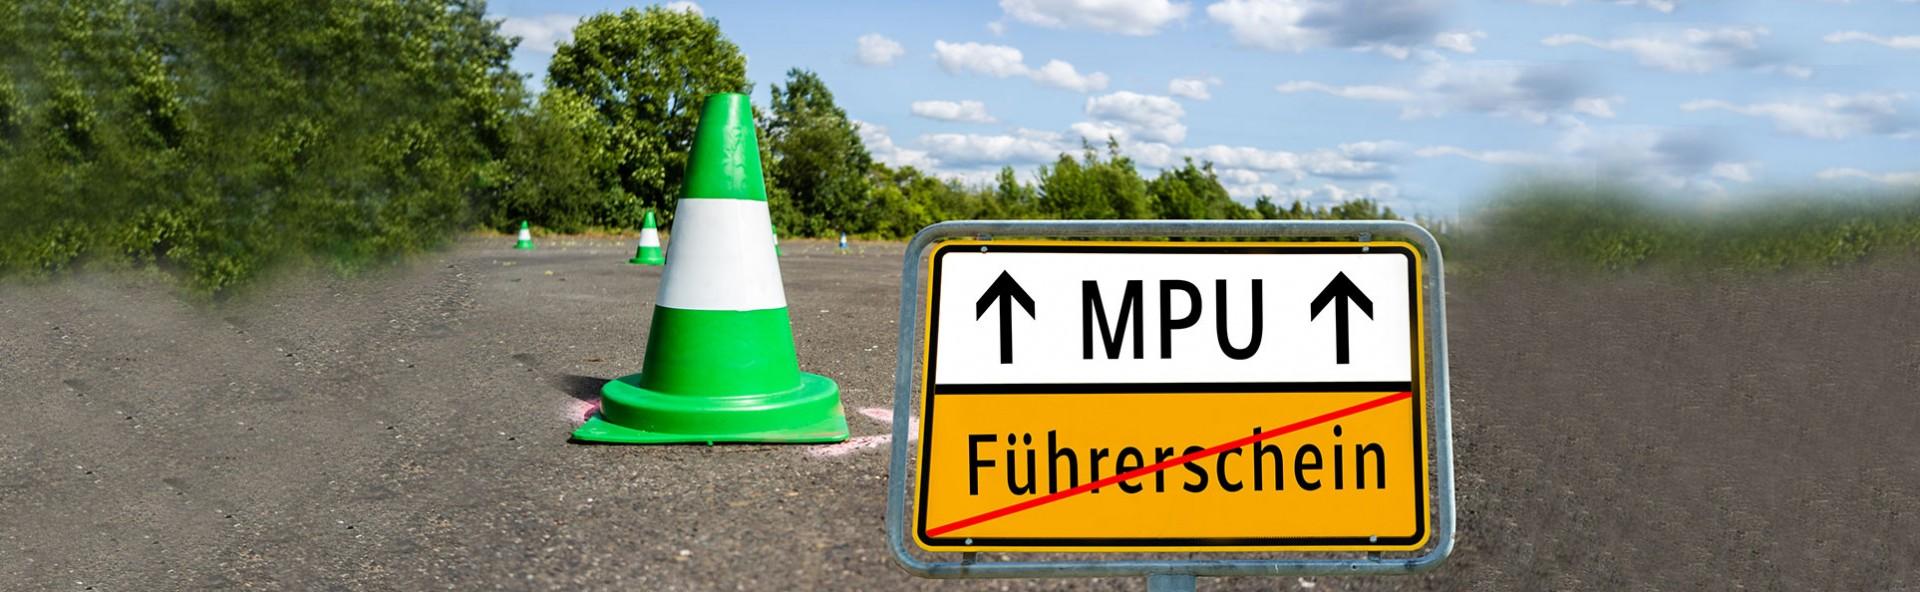 Fahrschule-Drossmann-MPU-Beratung